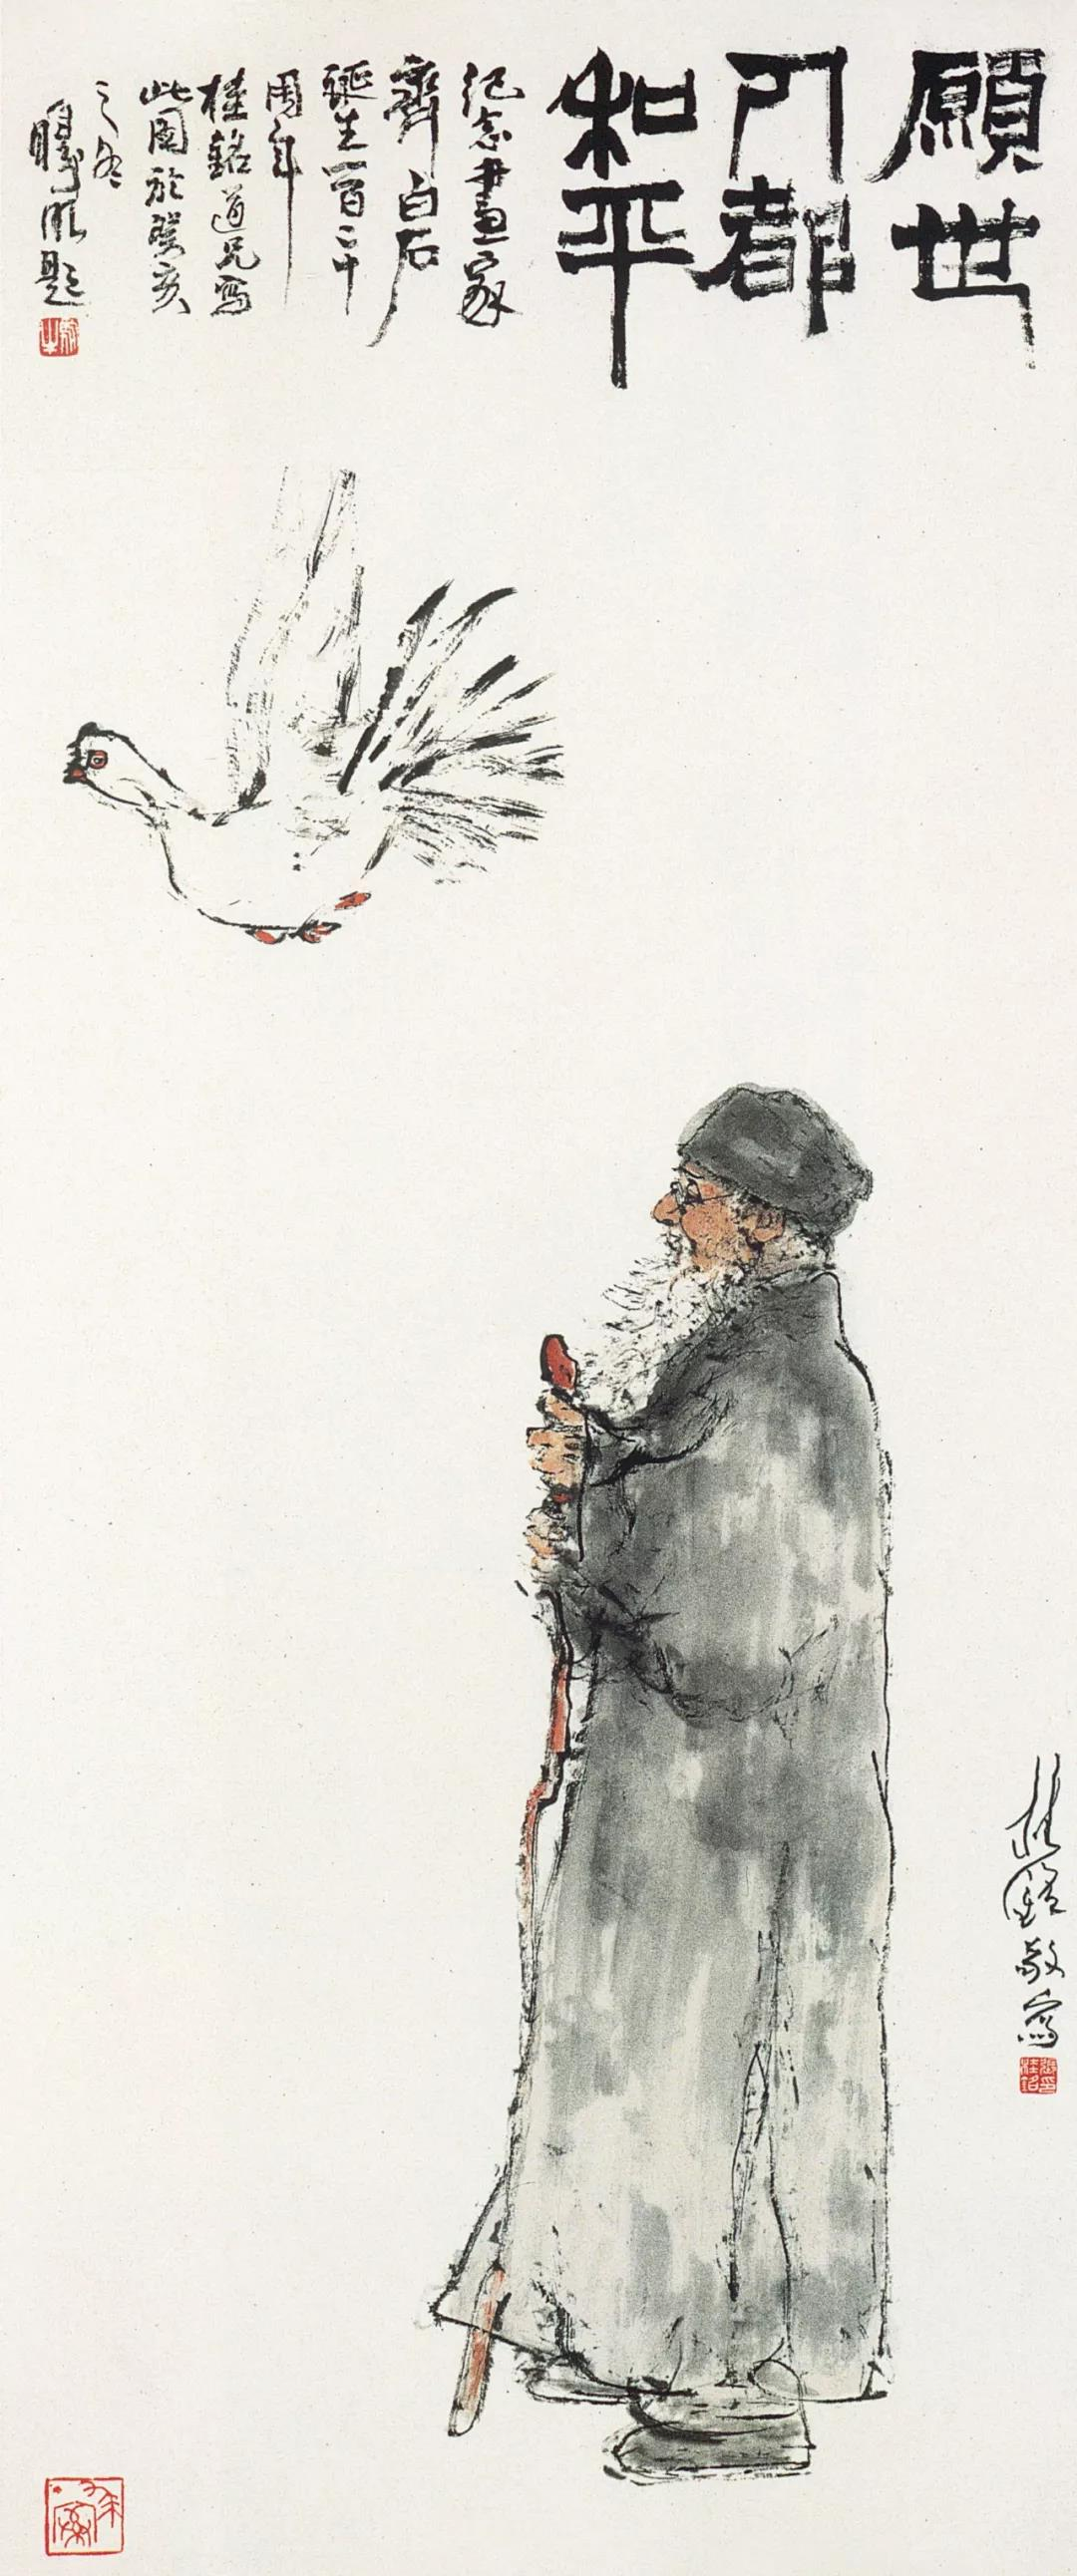 张桂铭让中国的花鸟画走进现代